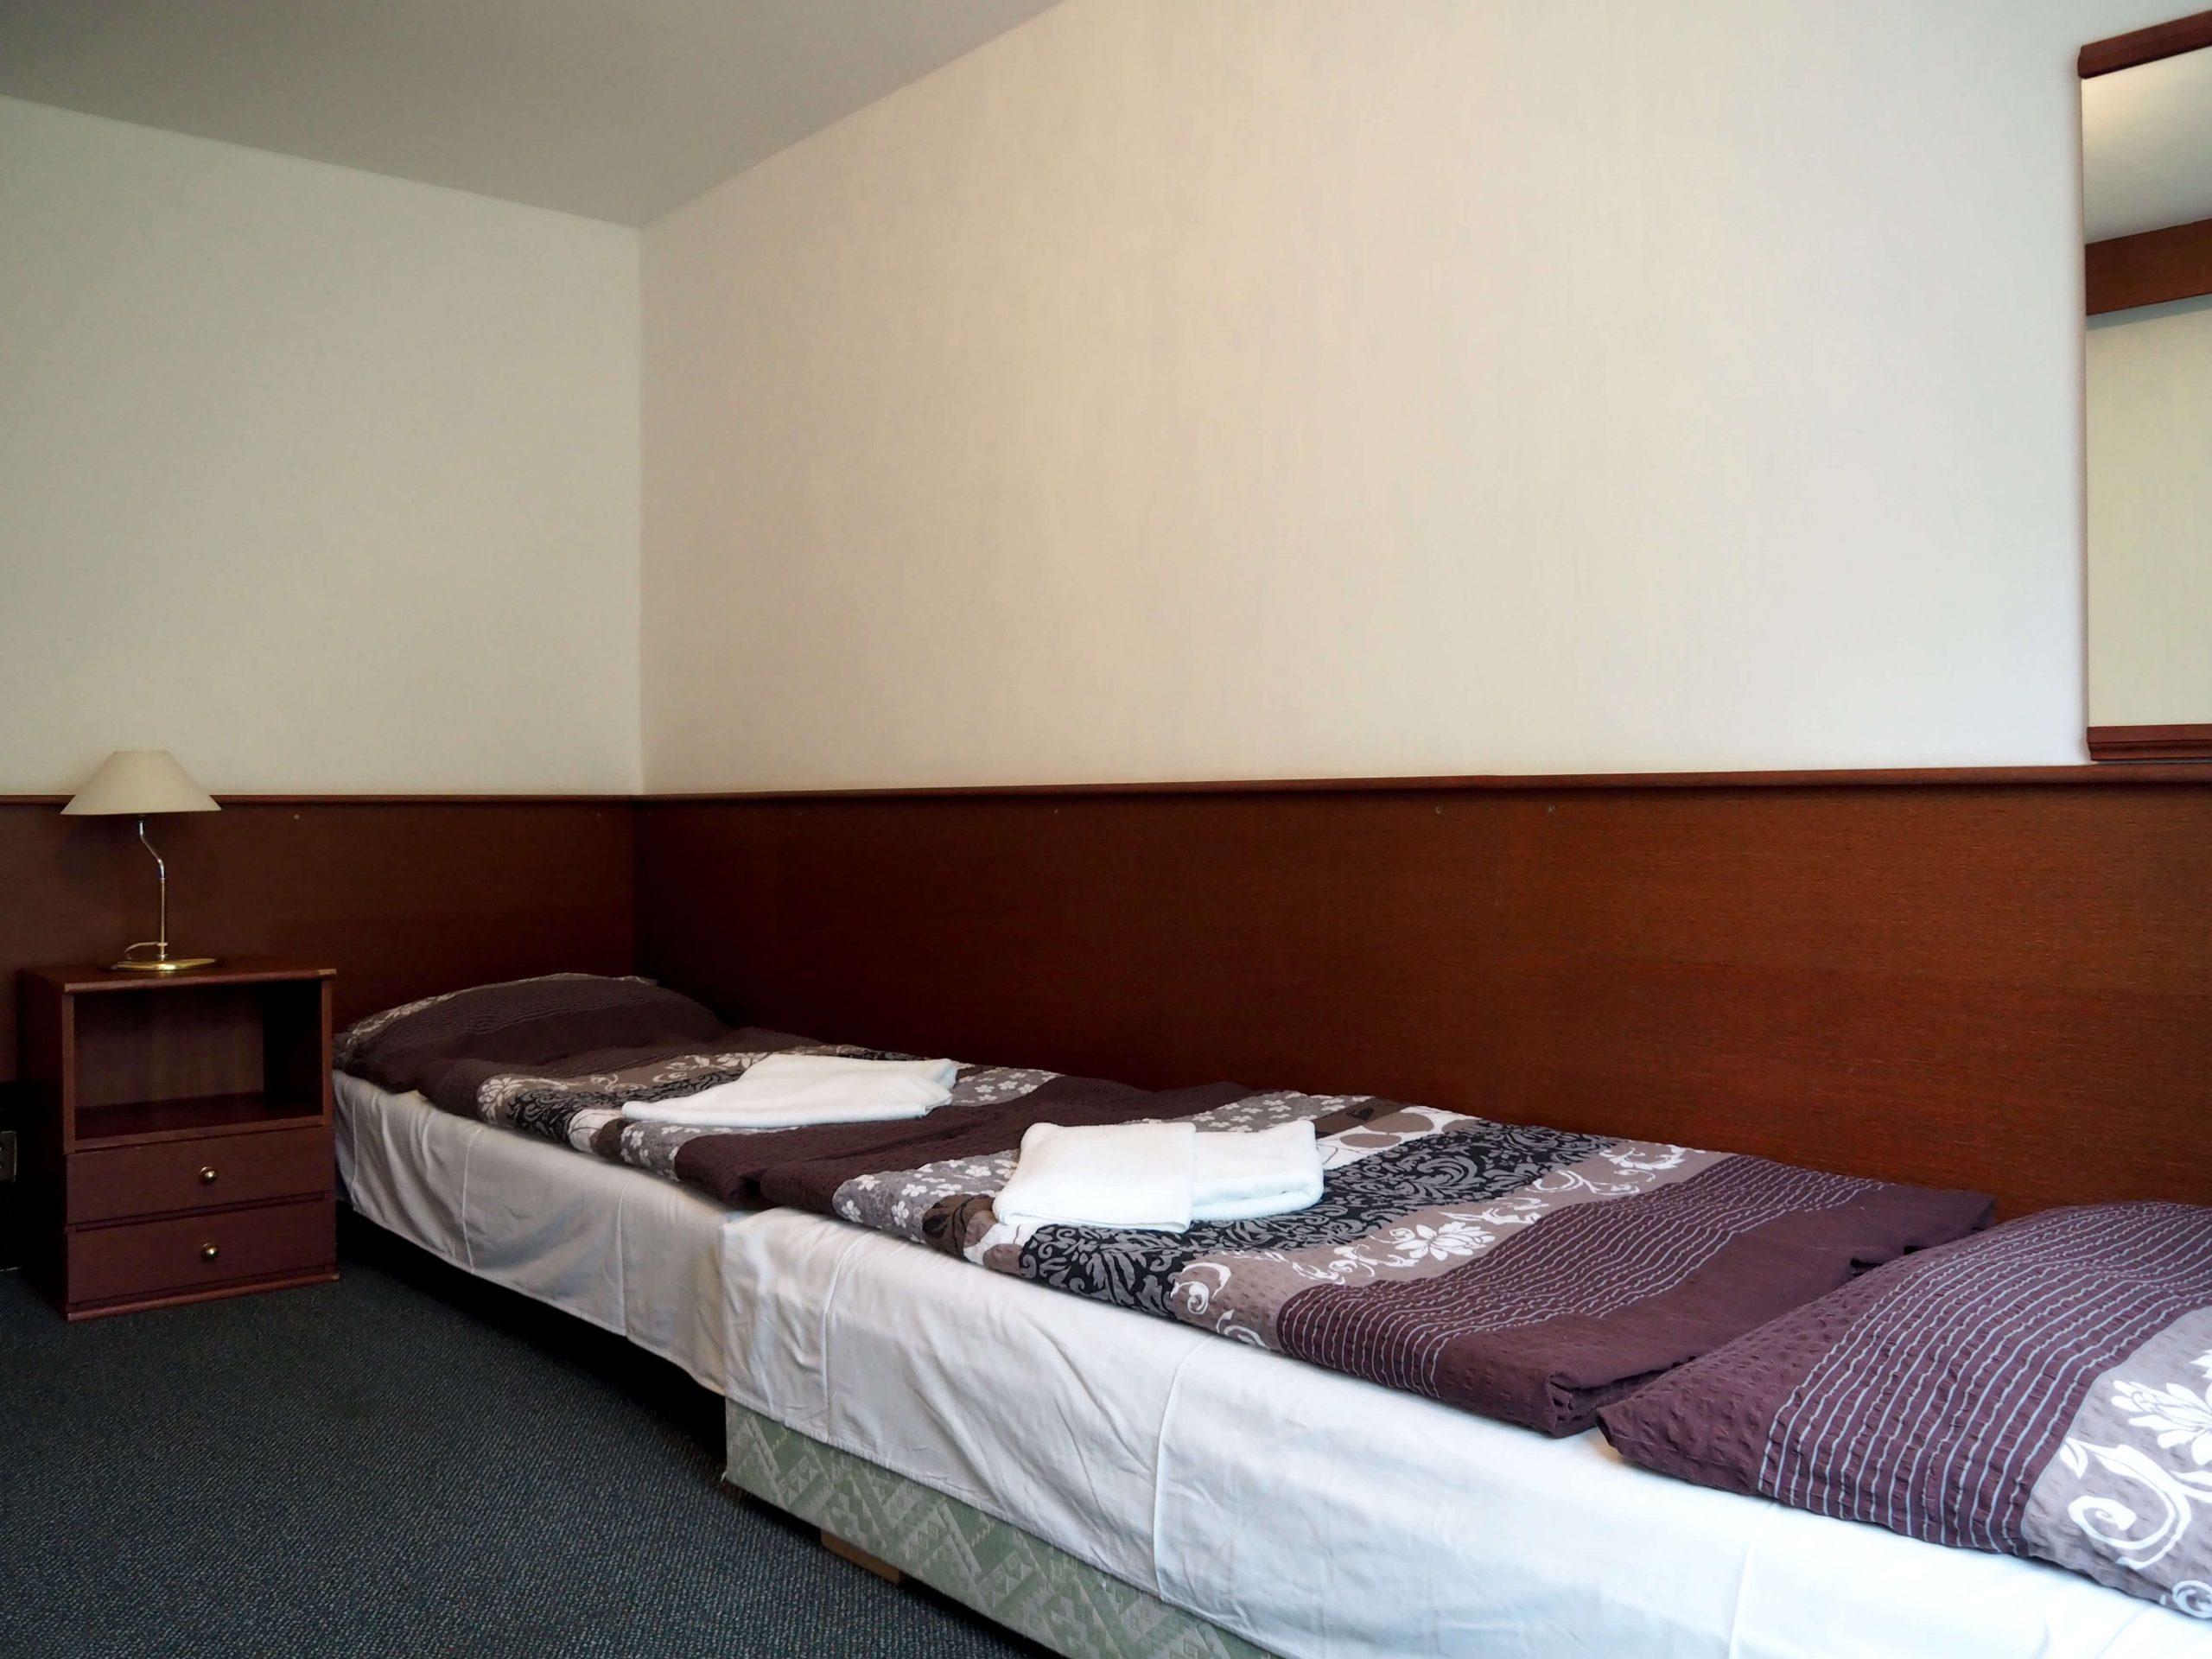 Hotel Astra Srby u města Kladno pokoj 101B (1)